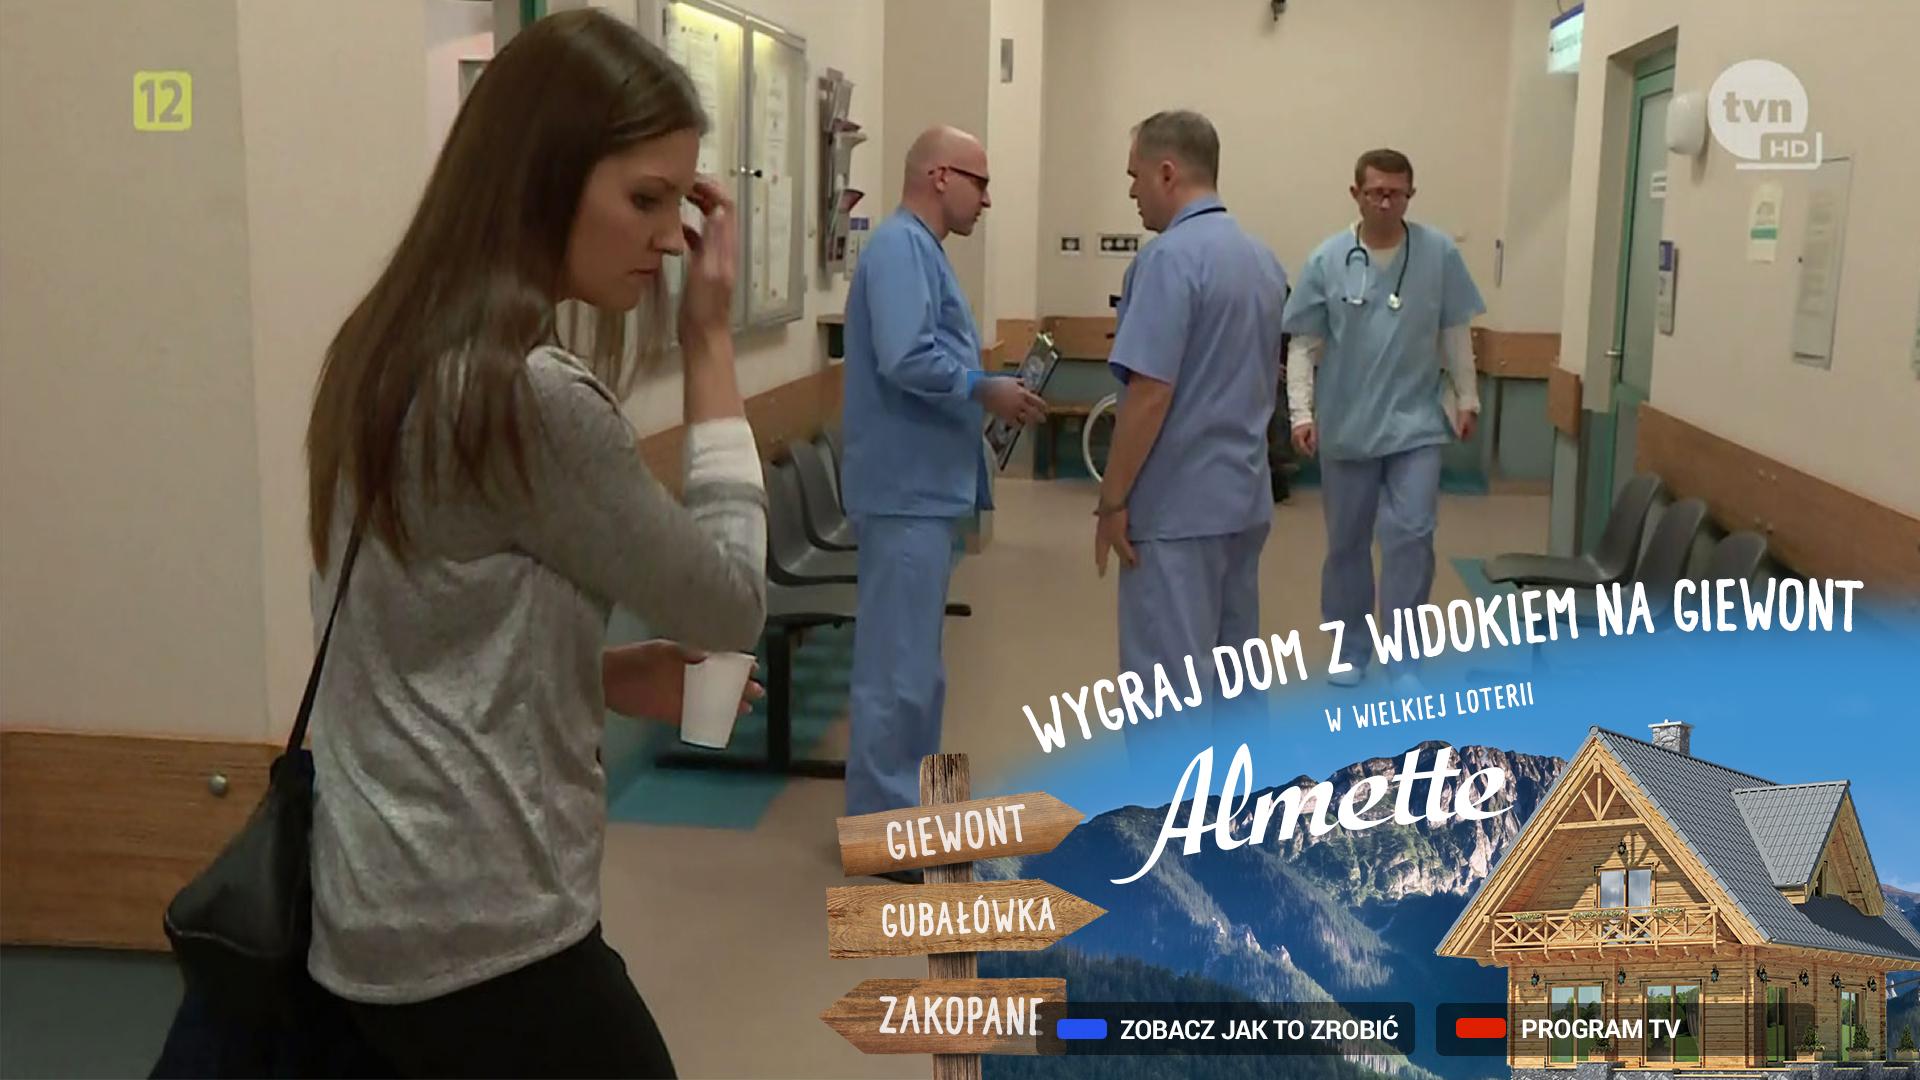 Almette z reklamą w telewizji hybrydowej